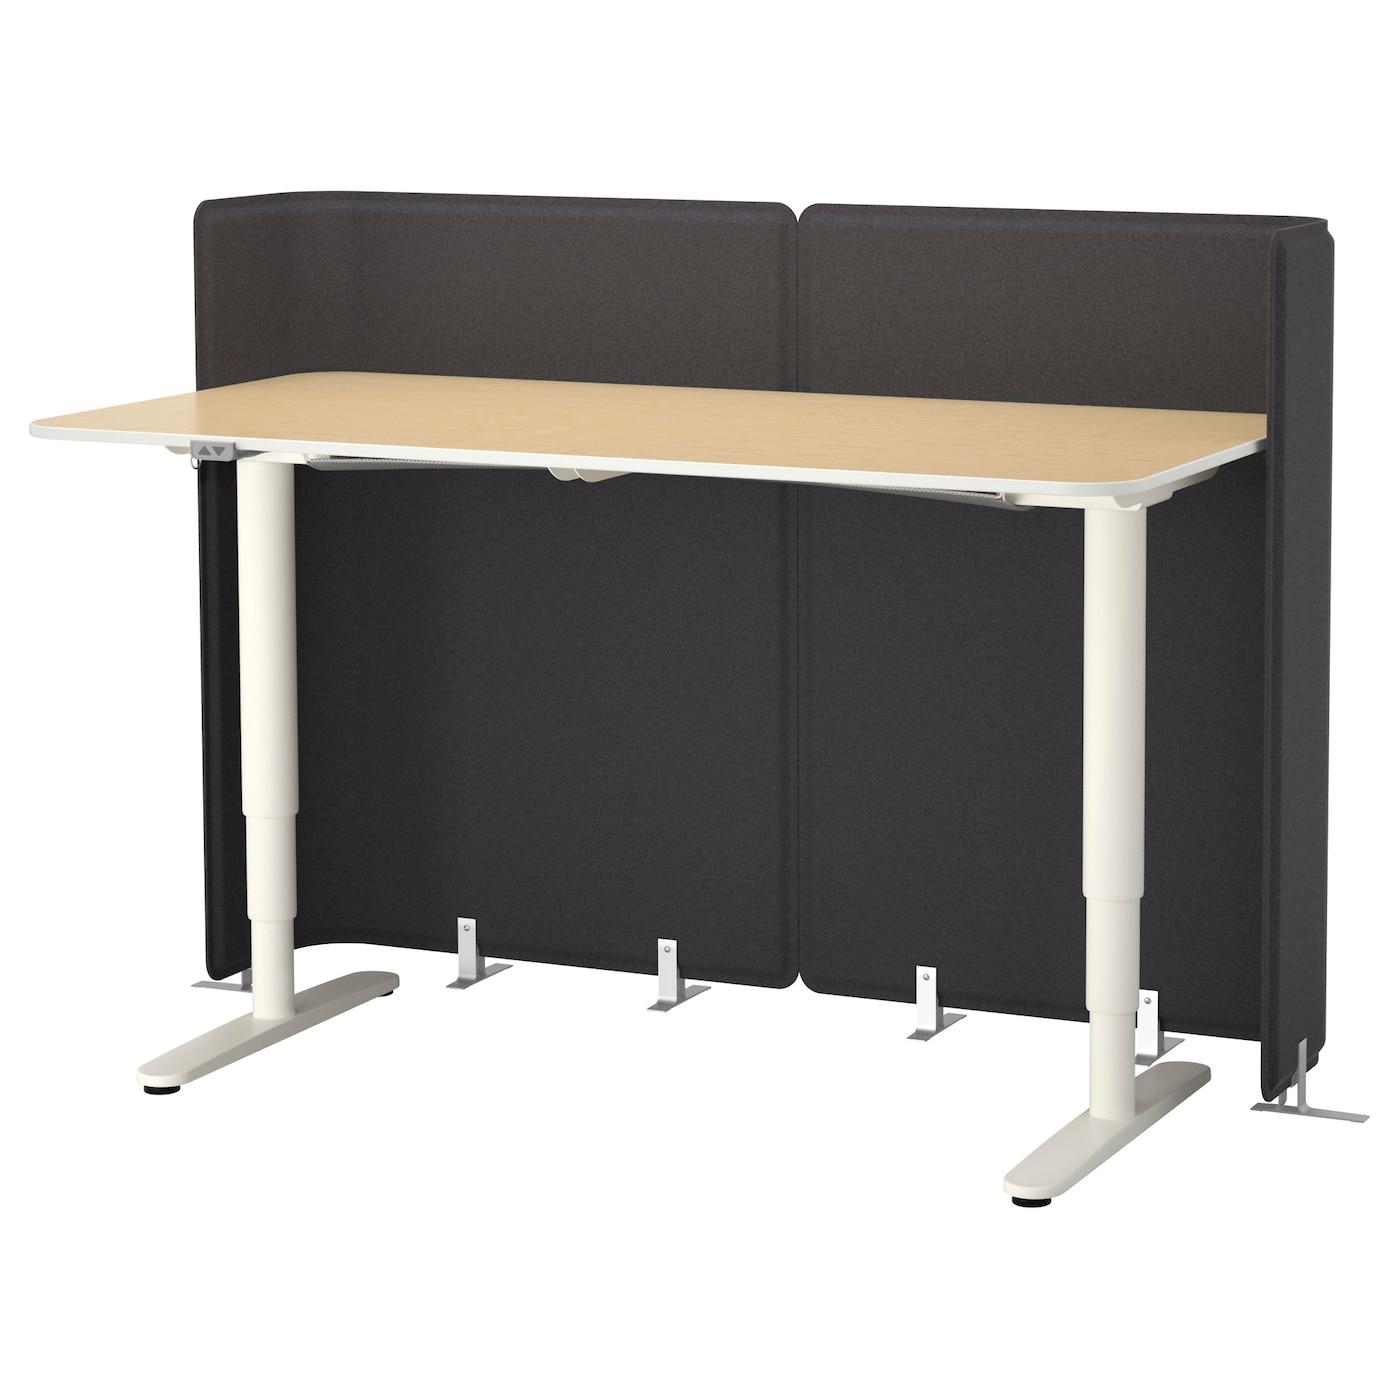 Bekant Reception Desk Sit Stand Birch Veneer White 160x80